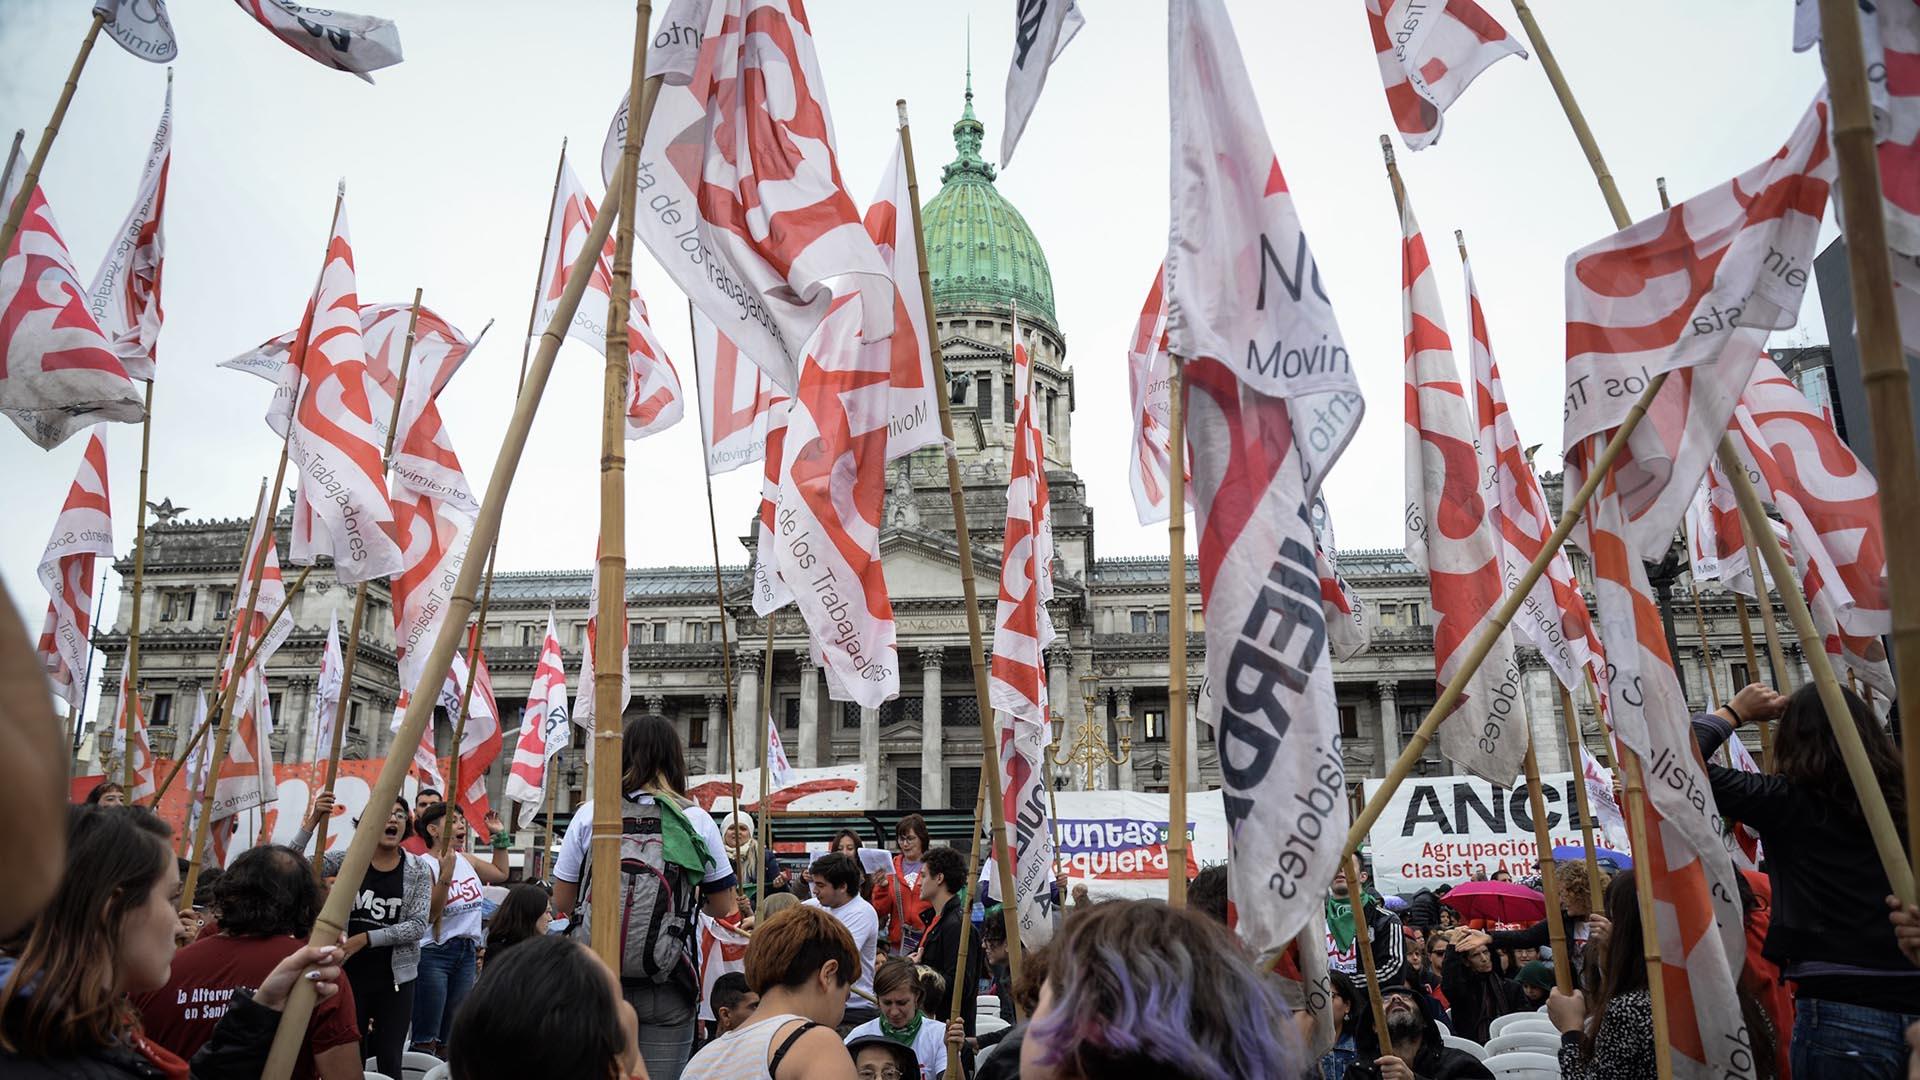 Un sector de la Izquierda se reunió frente al Congreso